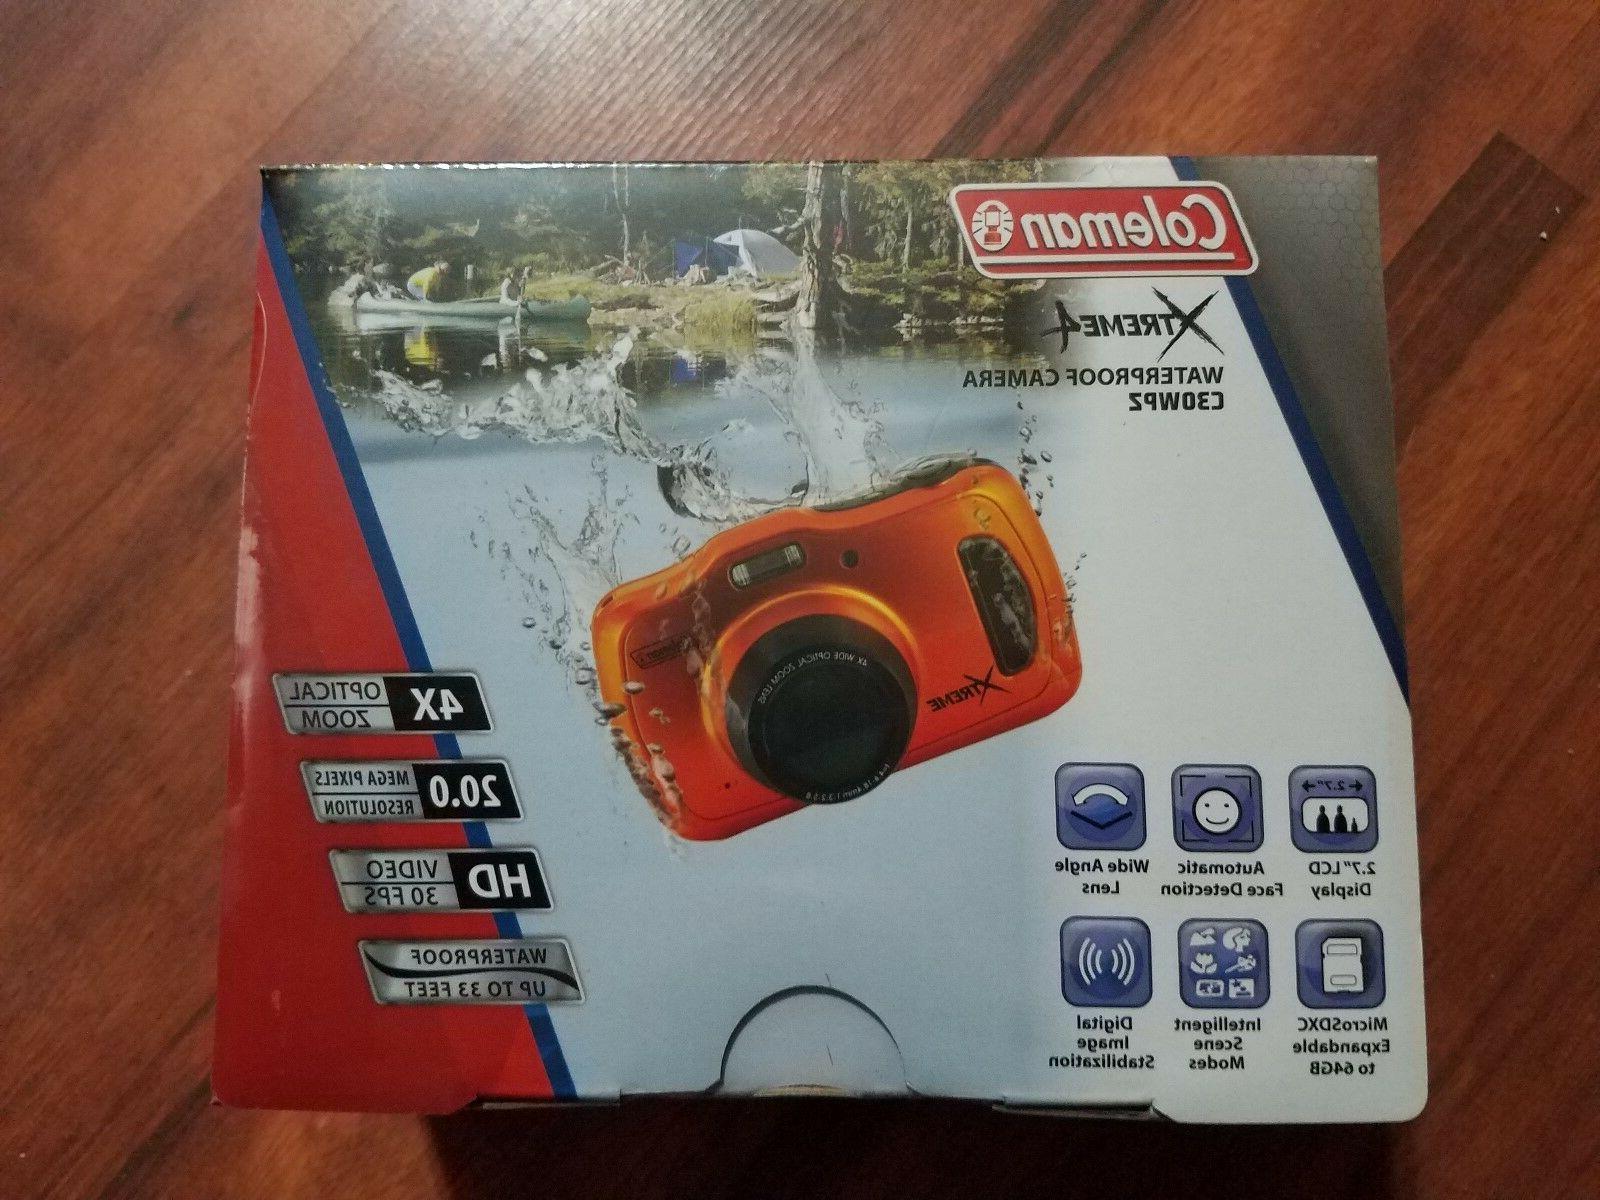 c30wpz 20 0 megapixel xtreme4 hd video